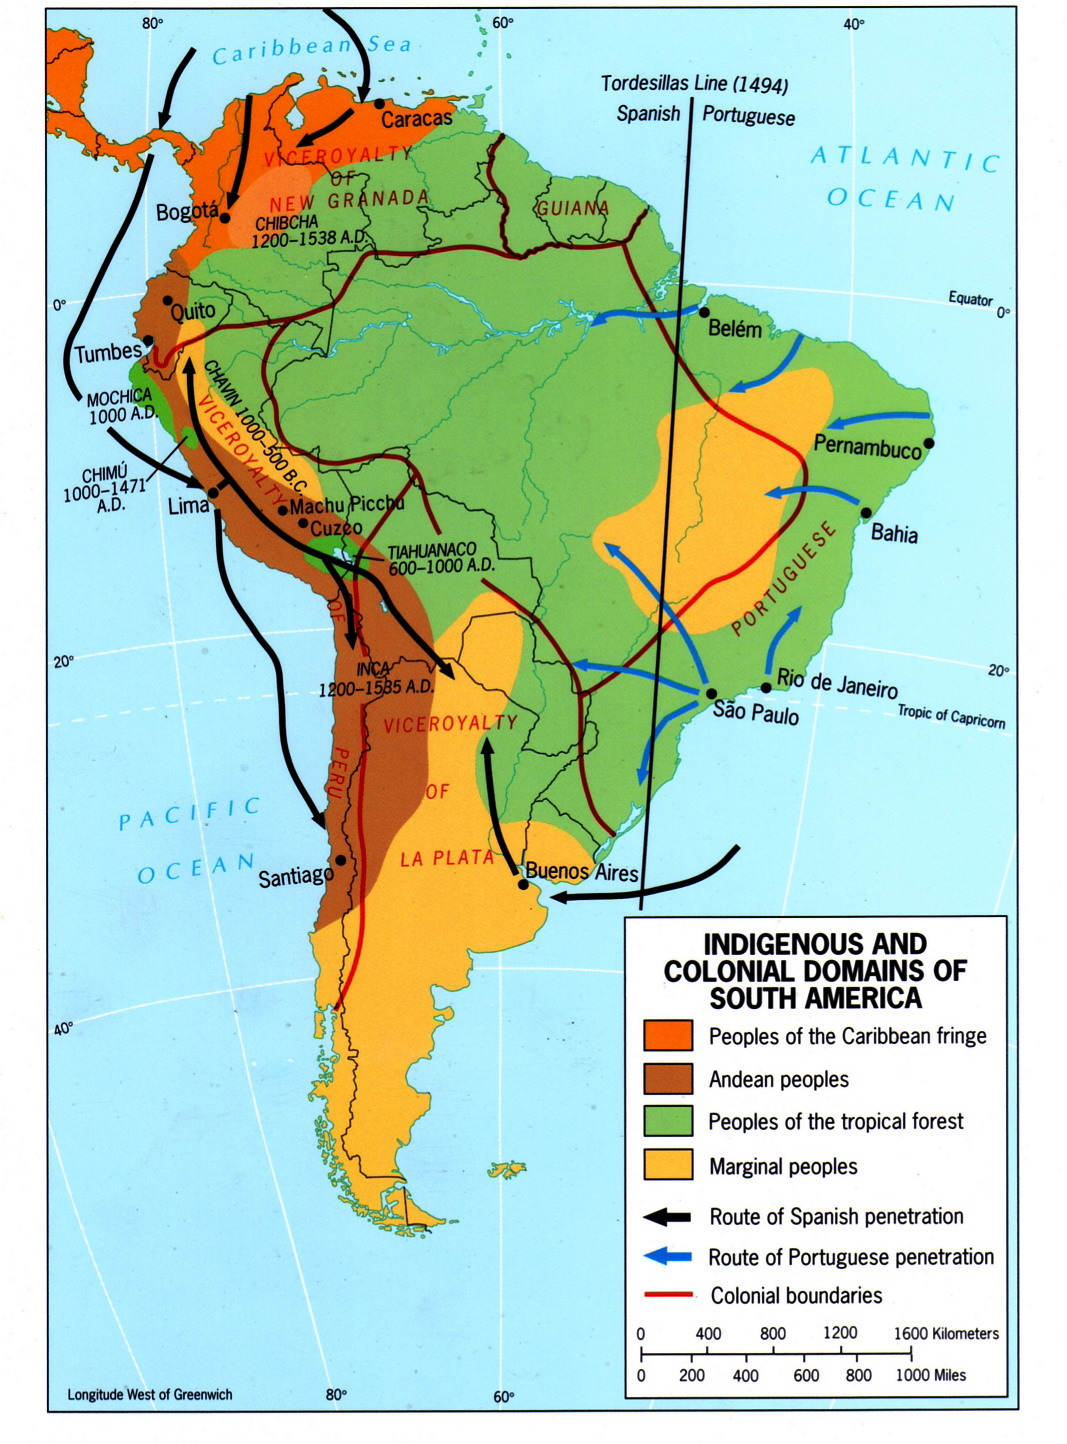 Indígenas y dominios coloniales en América del Sur